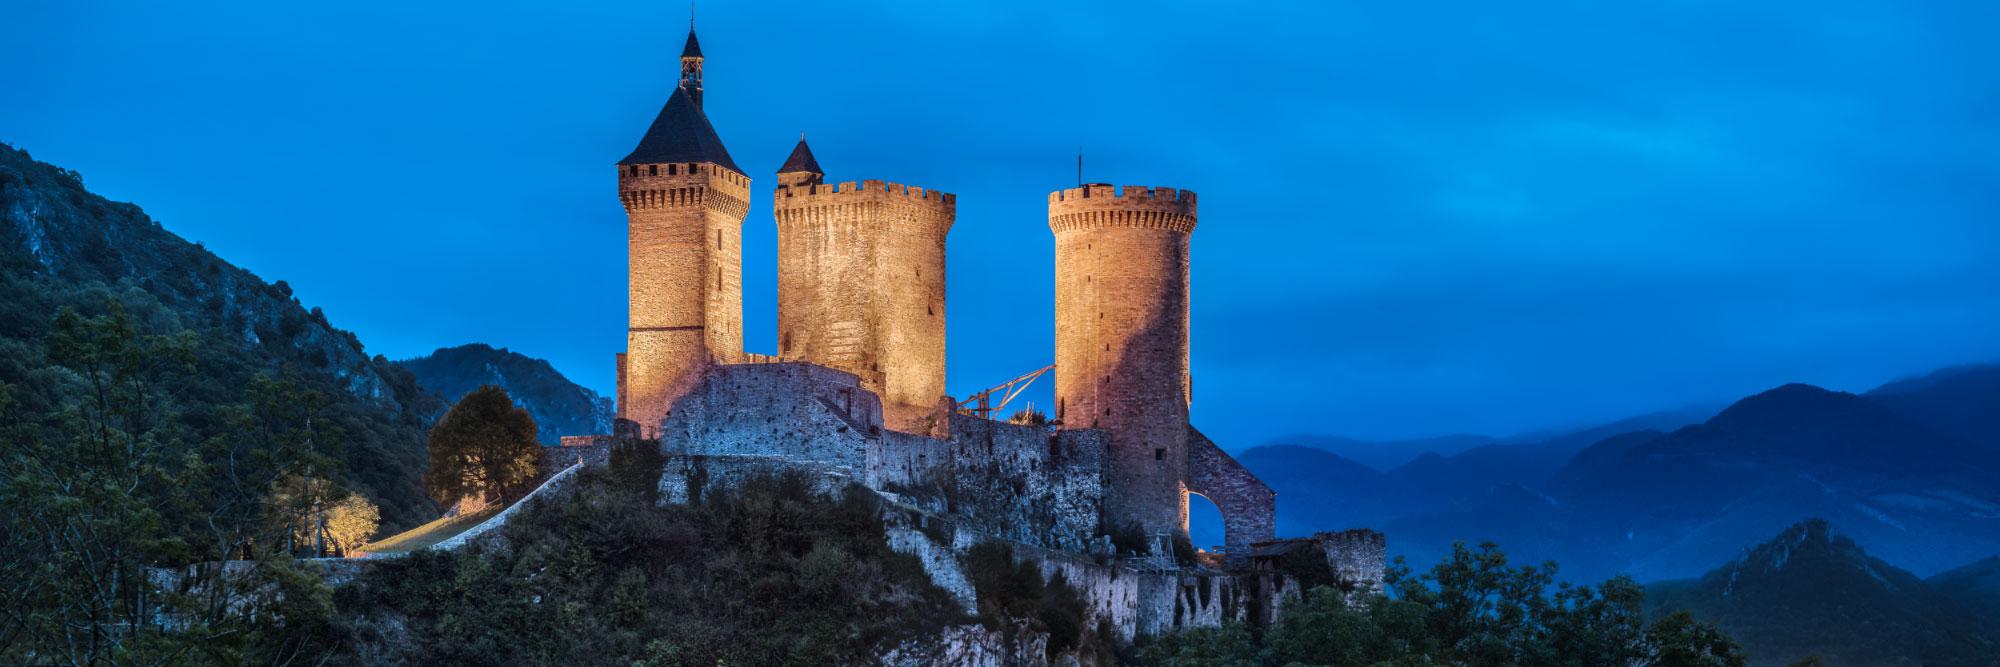 Les trois tours du château de Foix, Pyrénées